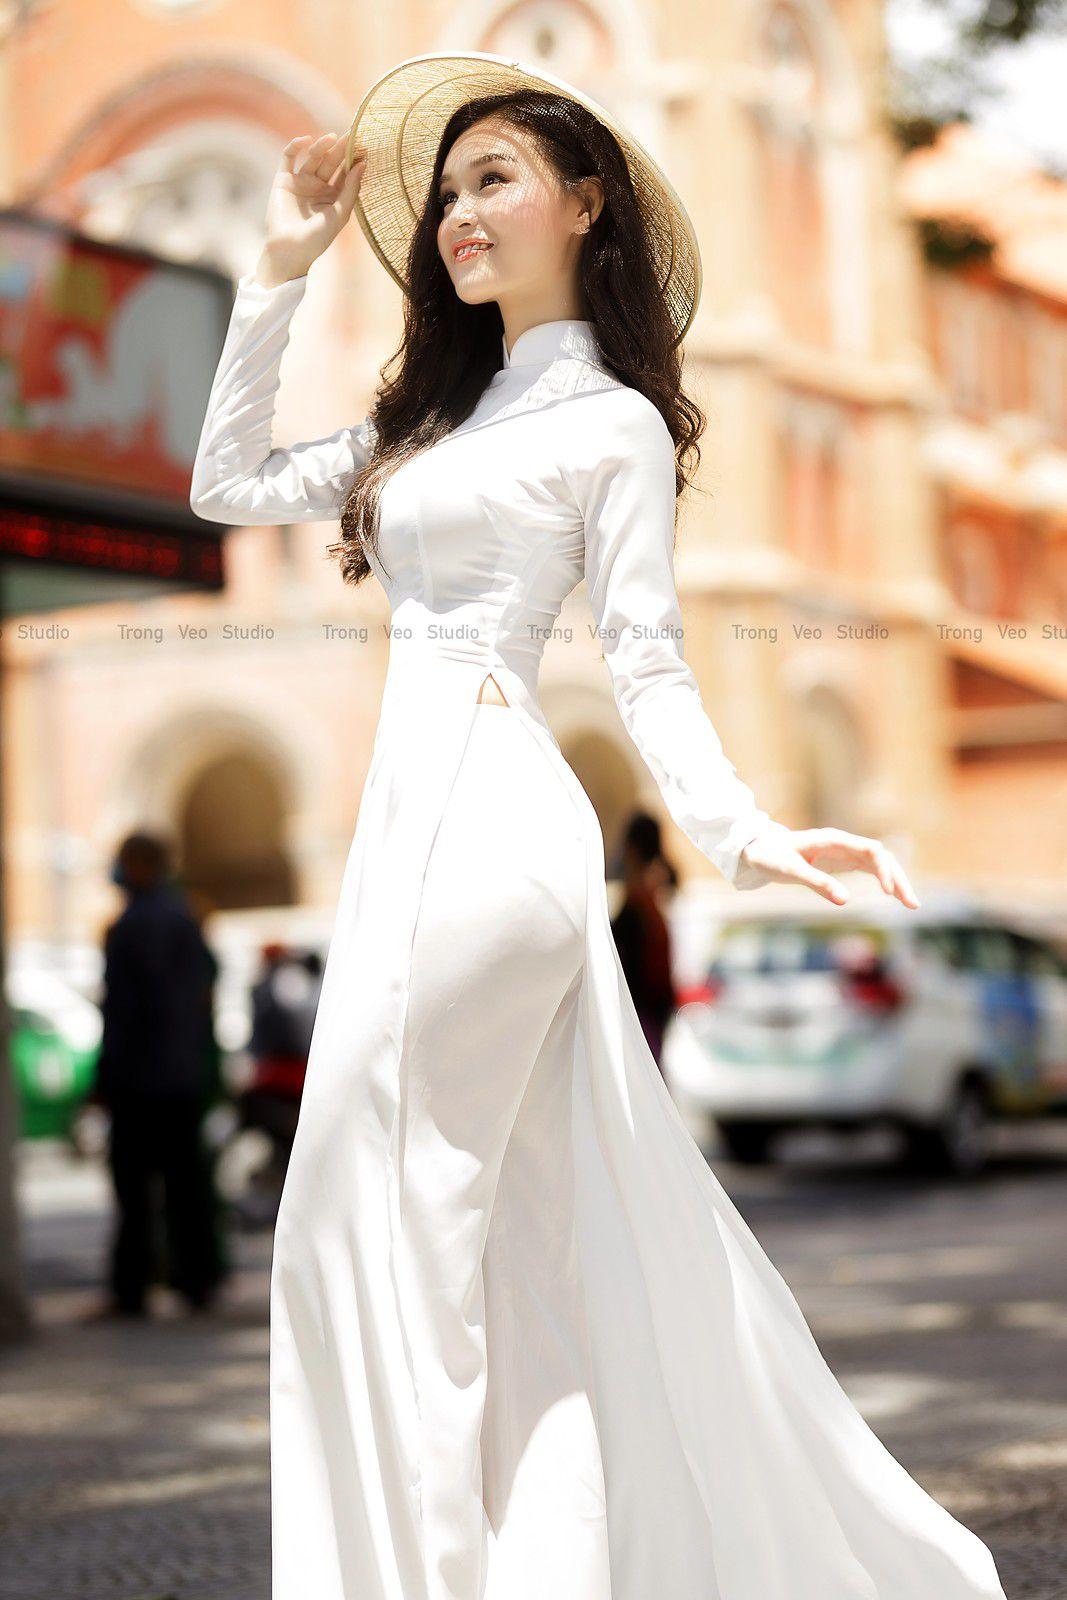 Ngắm bộ ảnh hoa khôi Phương Đoan đẹp hú hồn trong tà áo dài trắng thướt tha 6